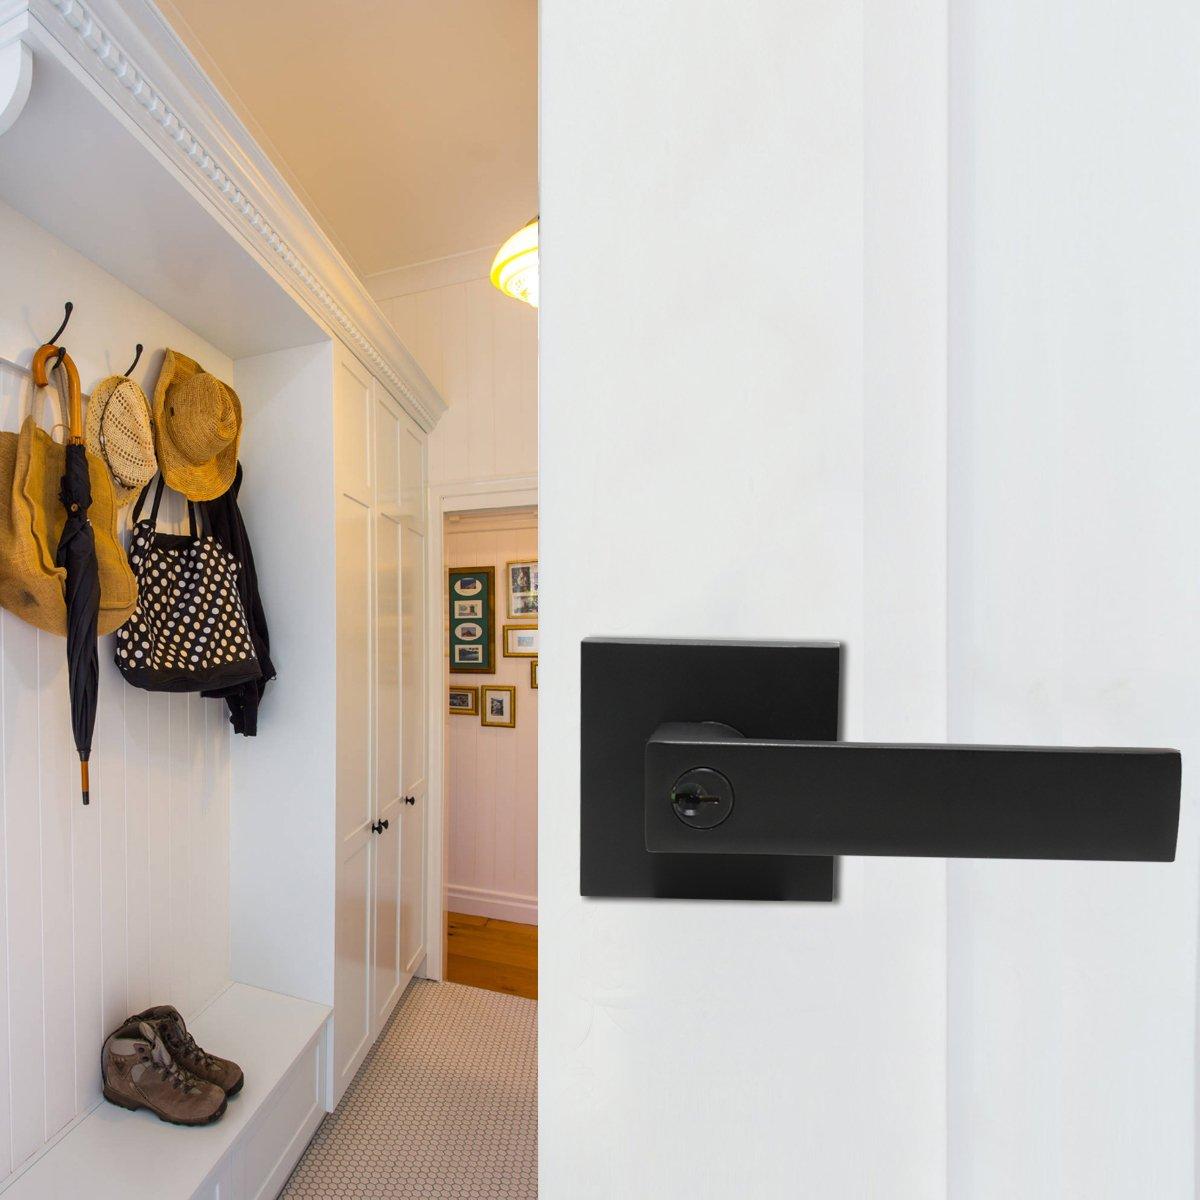 10 Pack Probrico Interior Bedroom Entrance Door Lever Doorknobs Door Lock One Keyway Entry Keyed Alike Same Key Entrance Lockset in Black Each with 3 Keys by Probrico (Image #7)